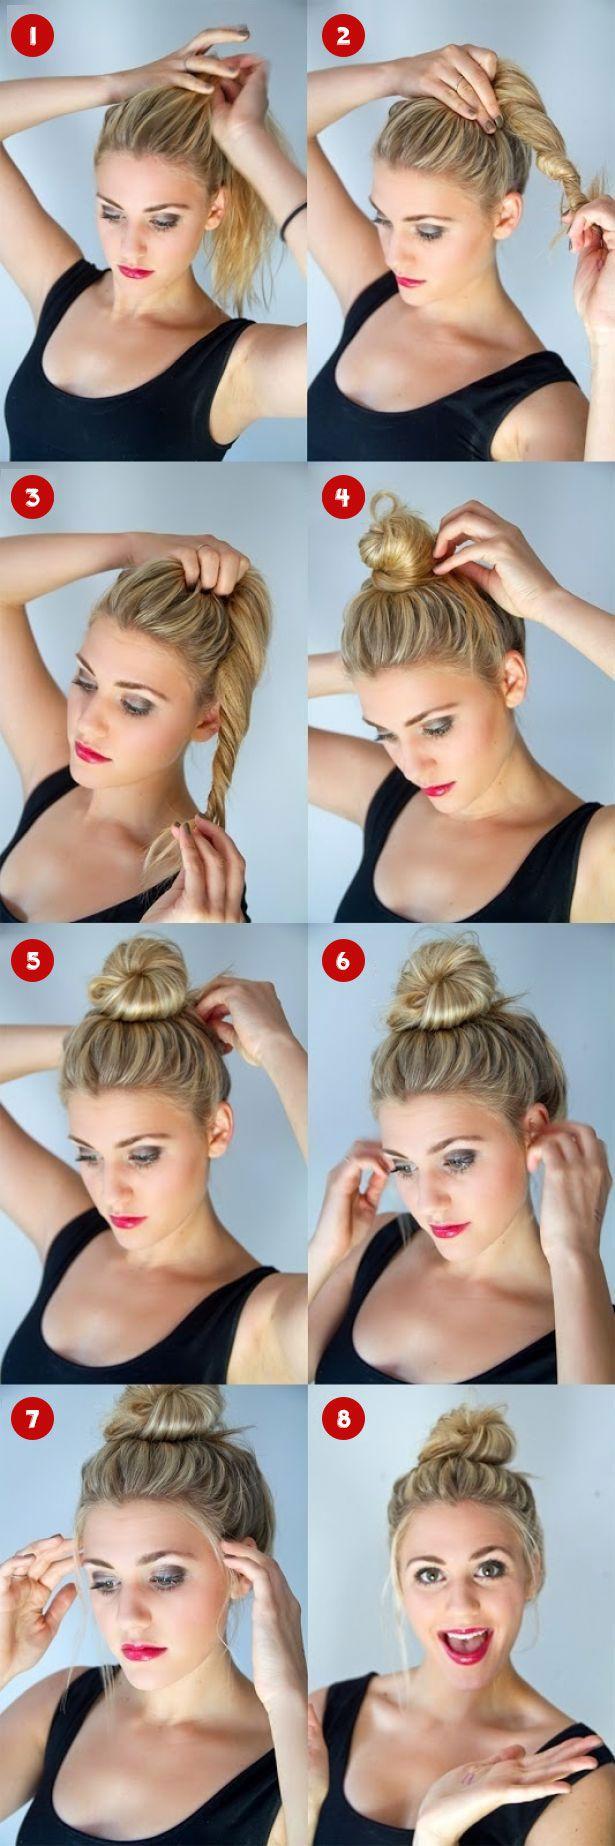 Как сделать модную причёску